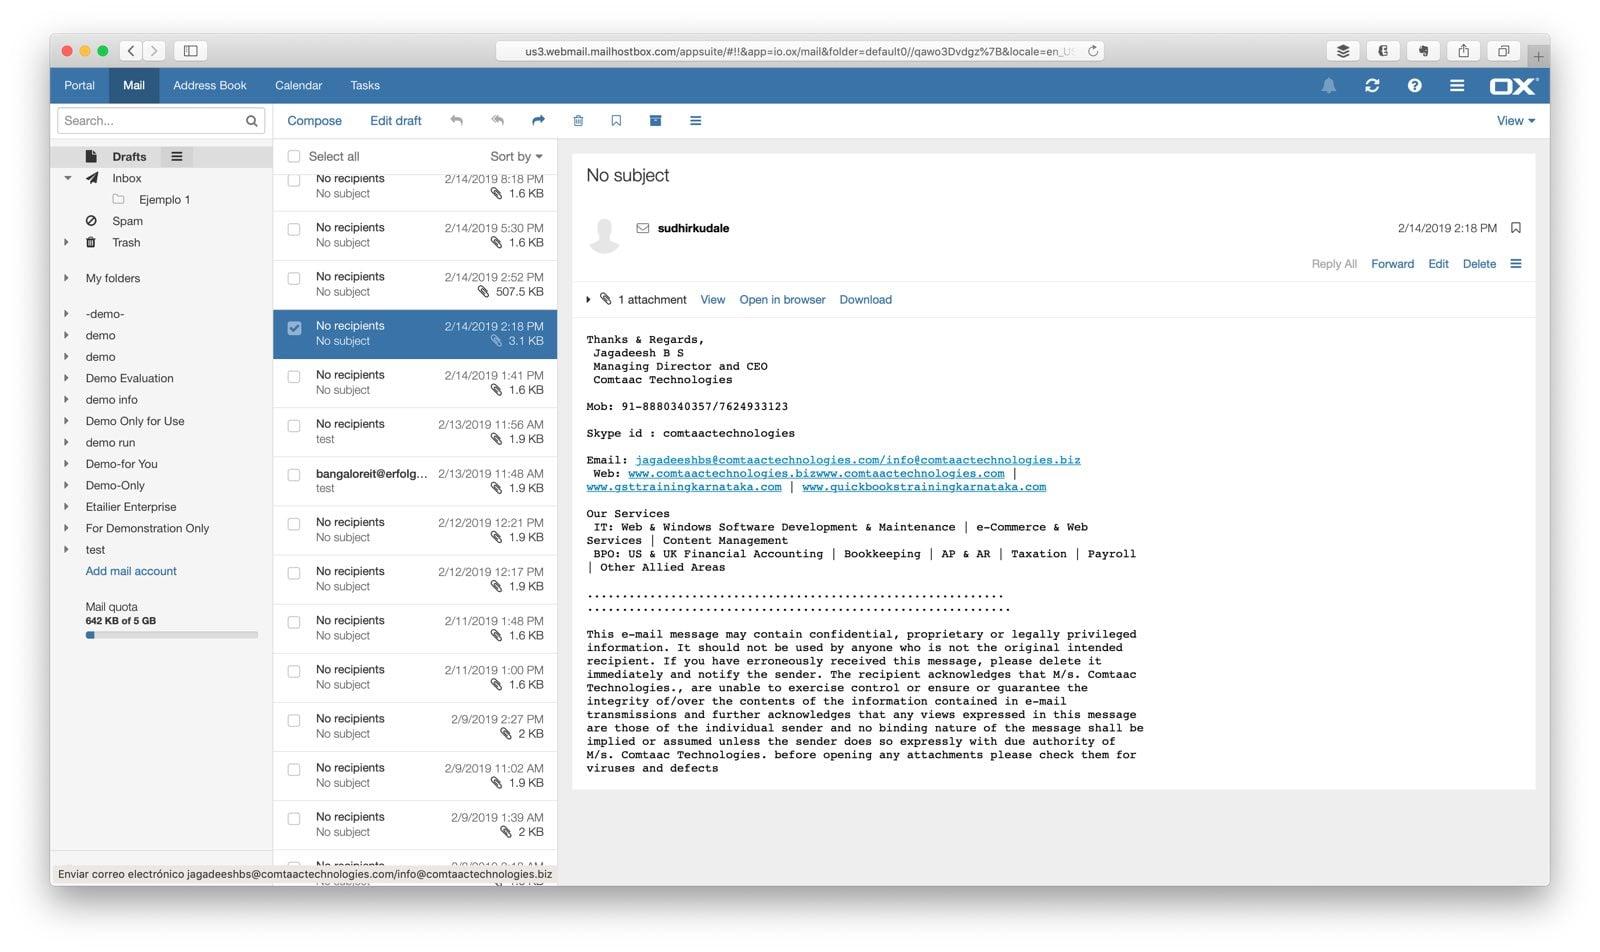 Interfaz gráfica del correo corporativo ofrecido por Compudemano Cloud